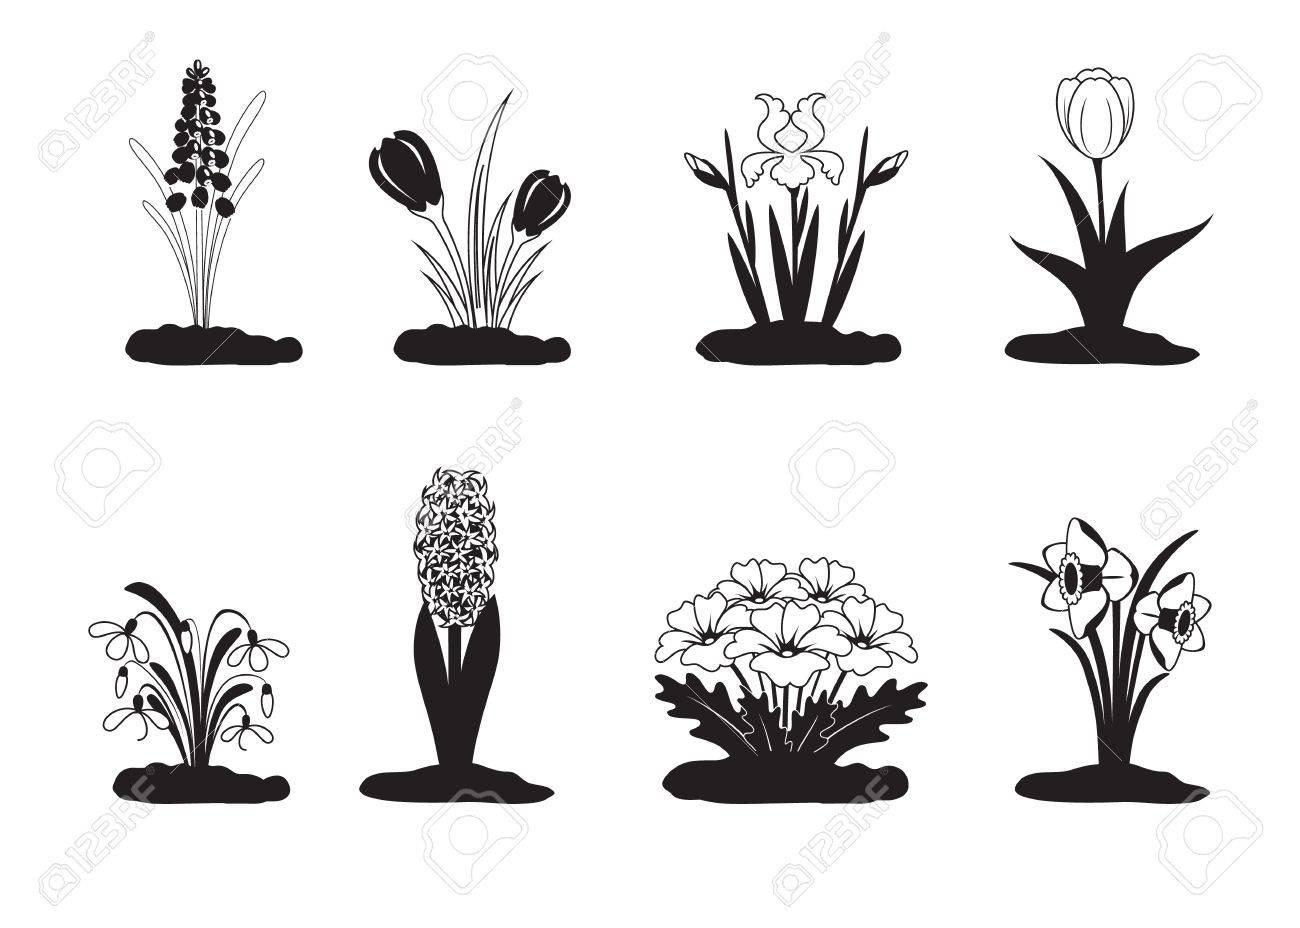 Black white vector illustration of spring flower royalty free black white vector illustration of spring flower stock vector 18001142 mightylinksfo